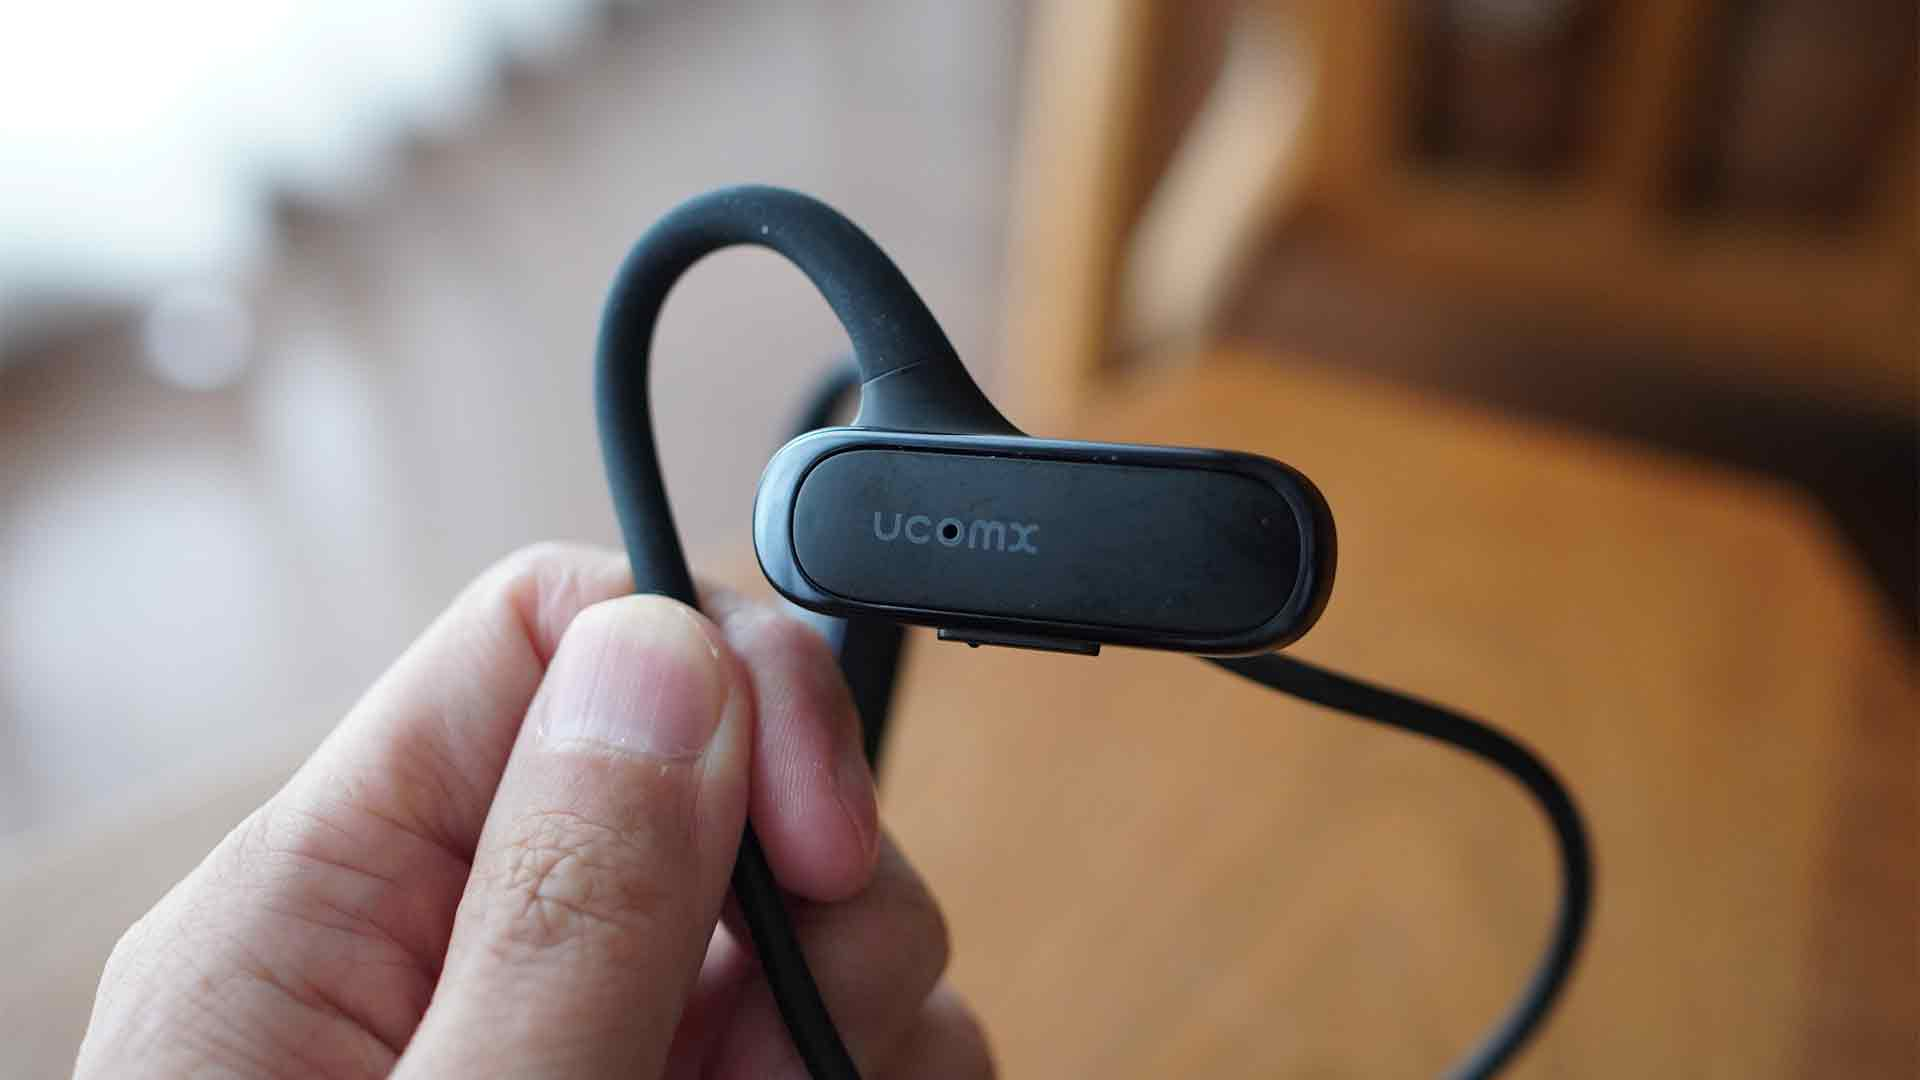 ucomx,bluetooth,ワイヤレスイヤホン,耳を塞がない,耳掛け式,耳が痛くならない,安い,ブルートゥース,防水,スポーツ,物理ボタン